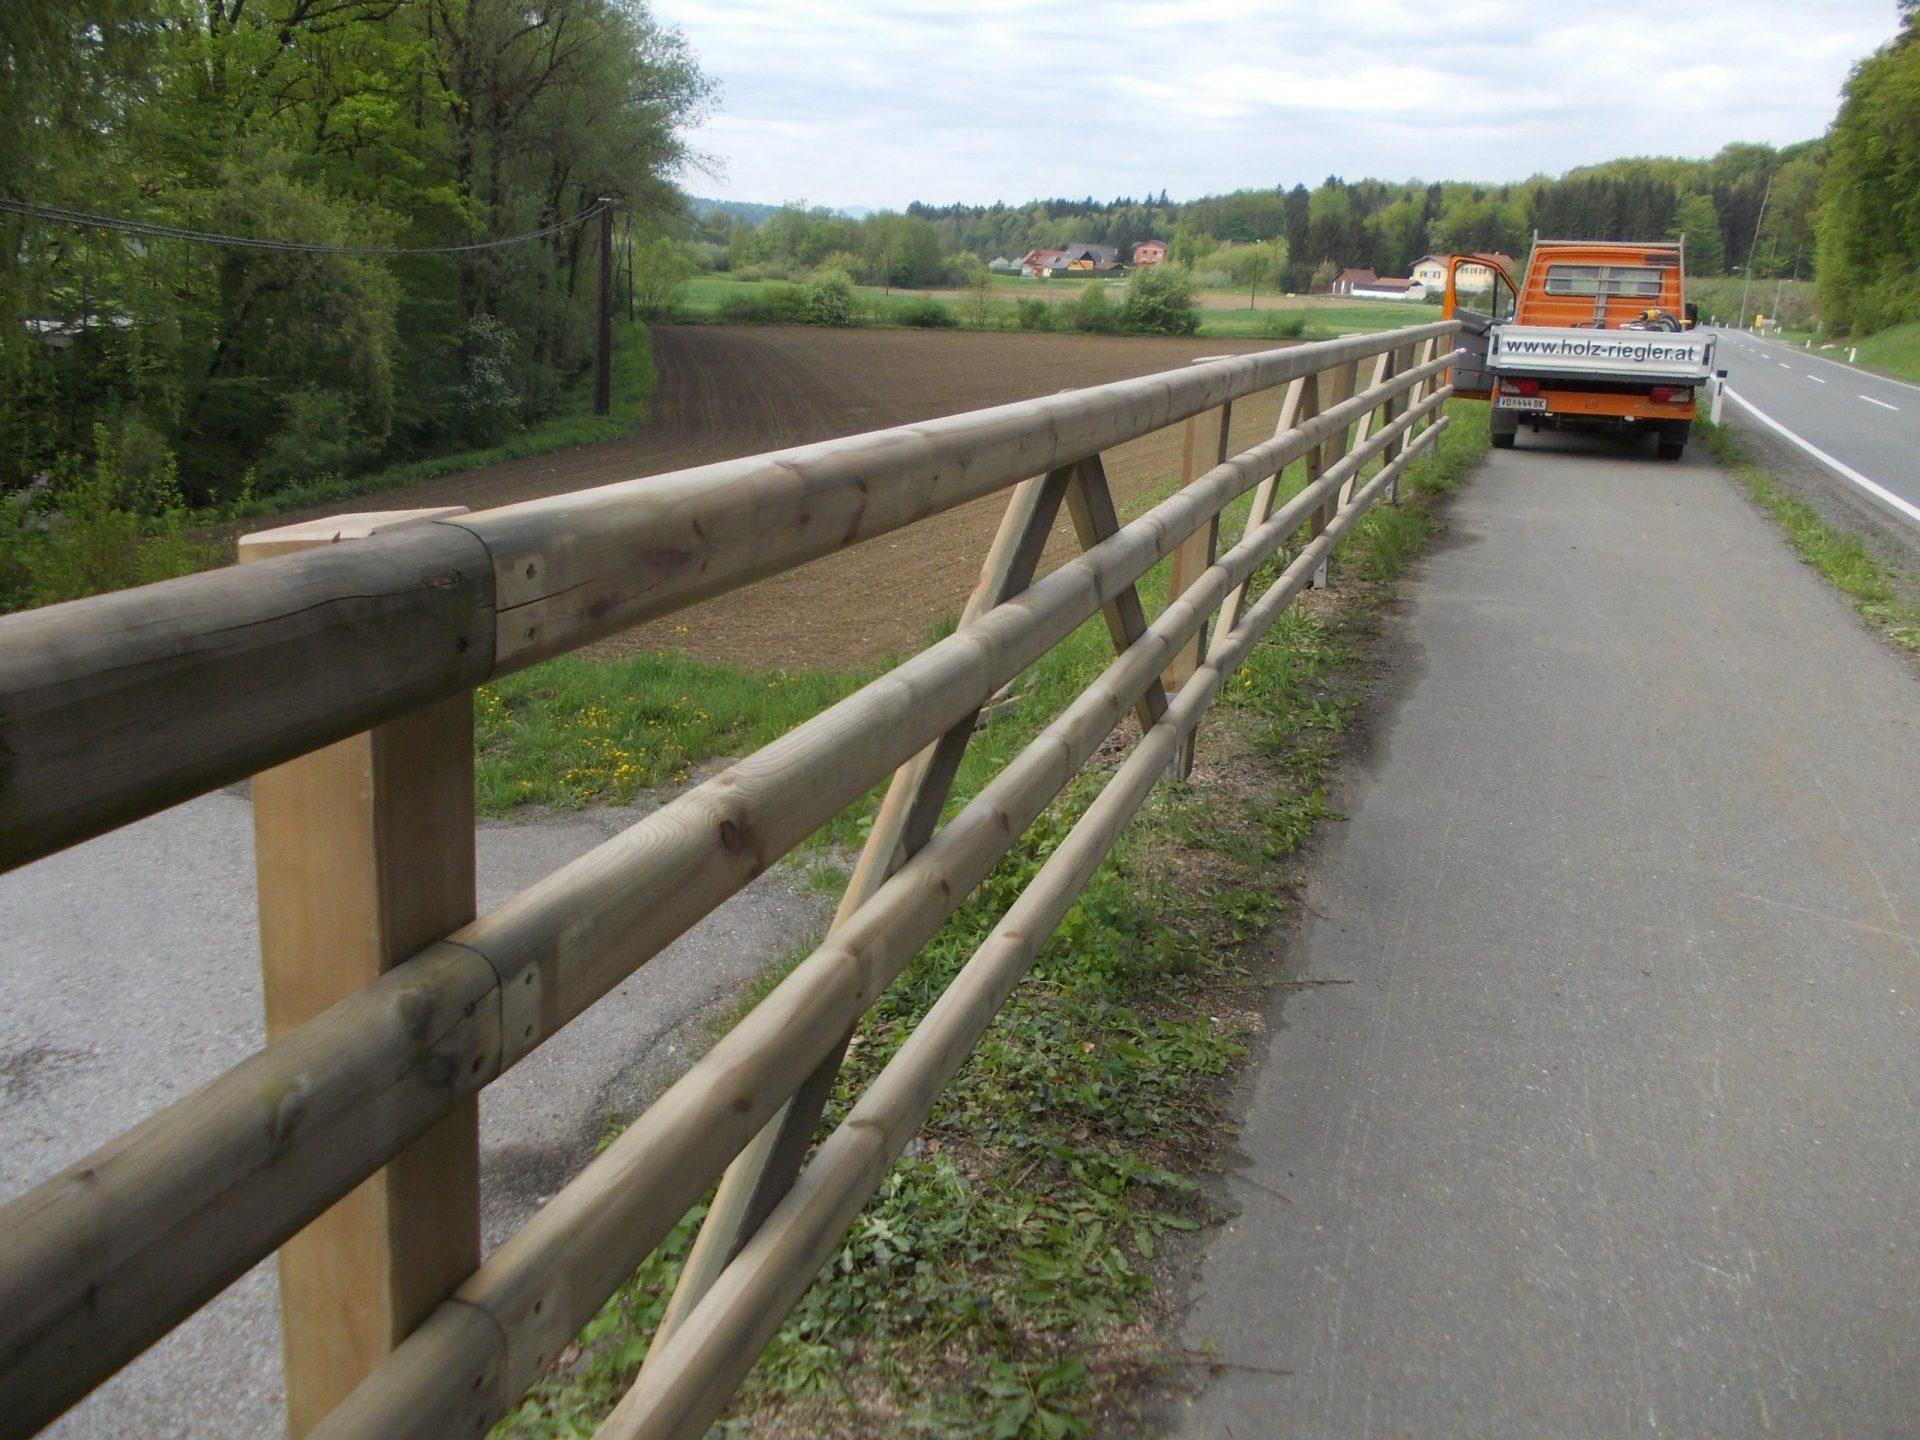 Geländer System Radweg 2000 - BST Wettmannstätten (1)